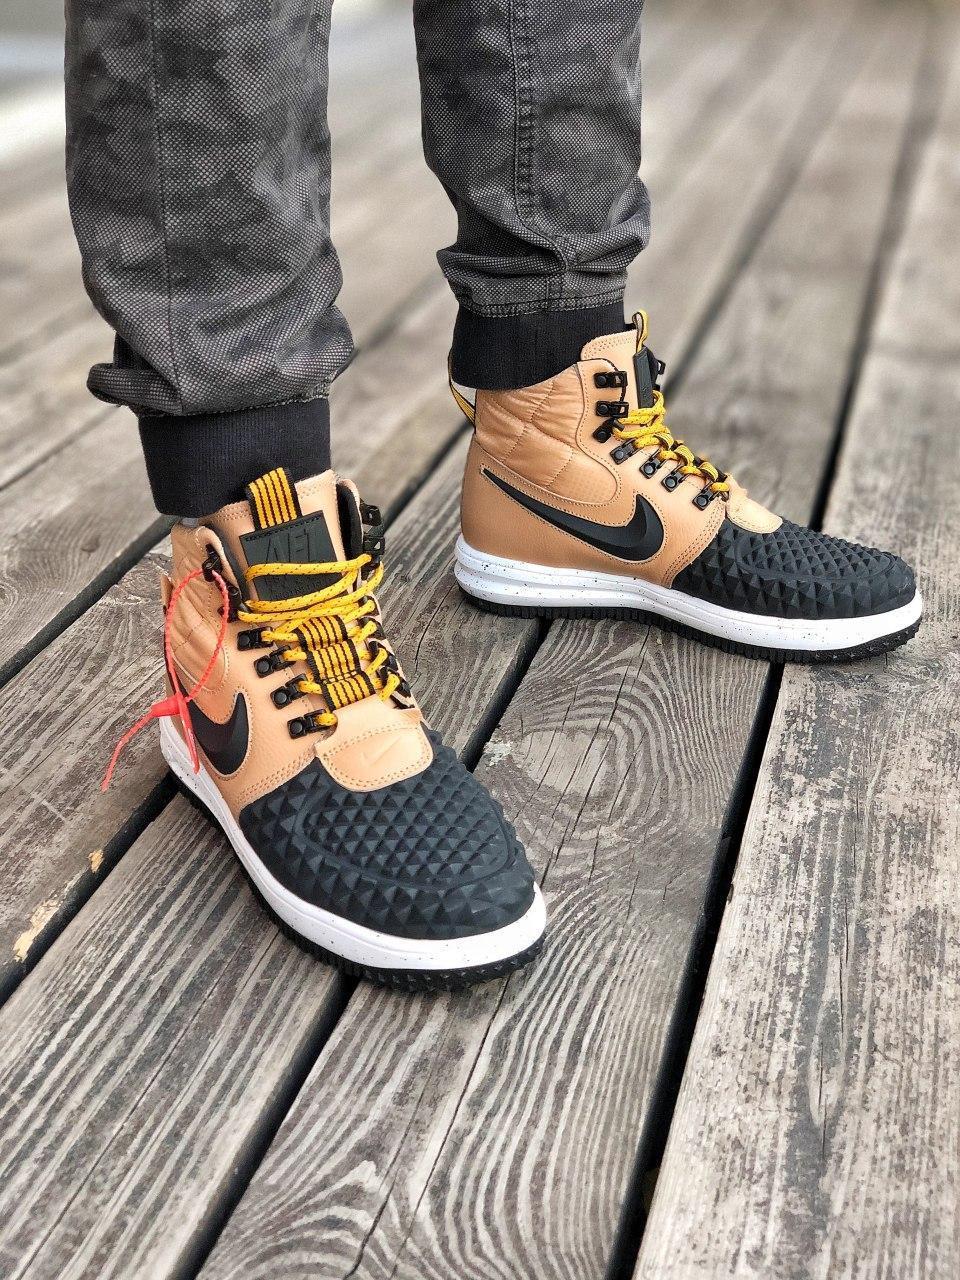 Чоловічі кросівки Nike Lunar Force 1 Duckboot Коричневі (Репліка ААА+)